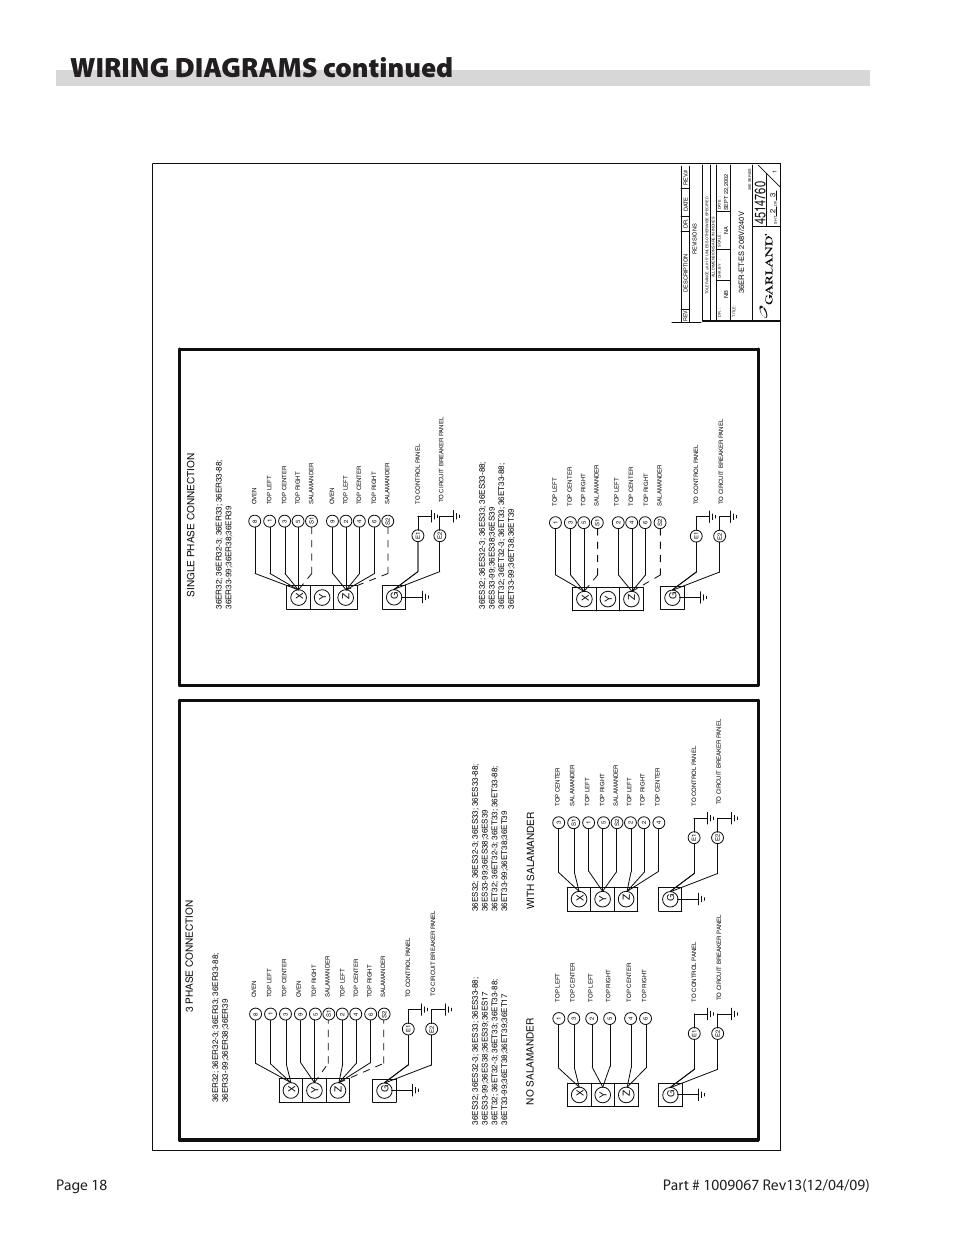 Garland Stove Wiring Diagram | Wiring Diagram on